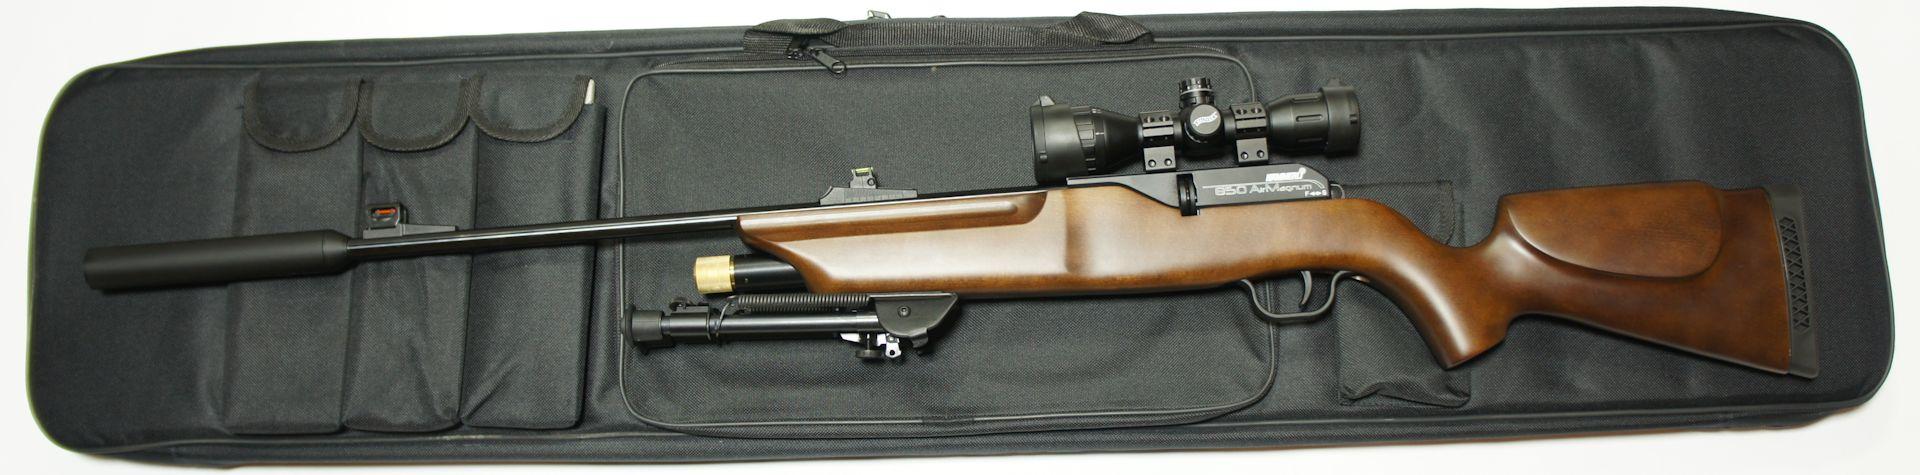 Anwendungsbeispiel und Größenvergleich mit dem CO2 Luftgewehr 850 Airmagnum mit aufgesetztem Schalldämpfer und Zweibein